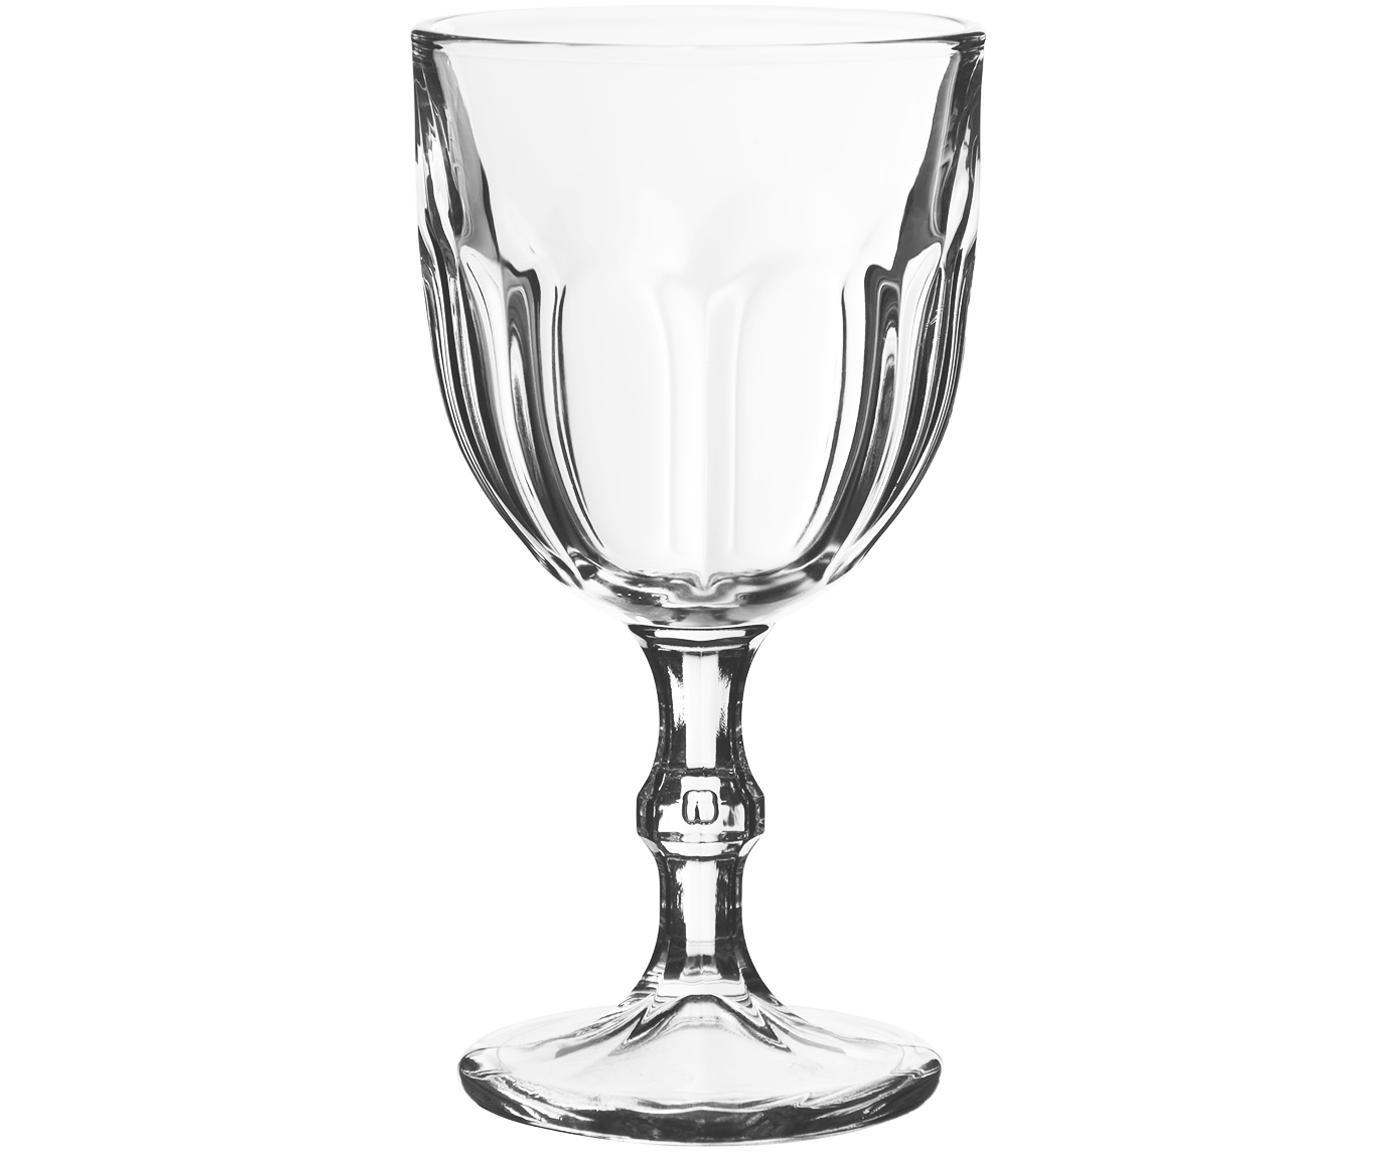 Waterglazen Lousanne, 6 stuks, Glas, Transparant, Ø 9 x H 17 cm